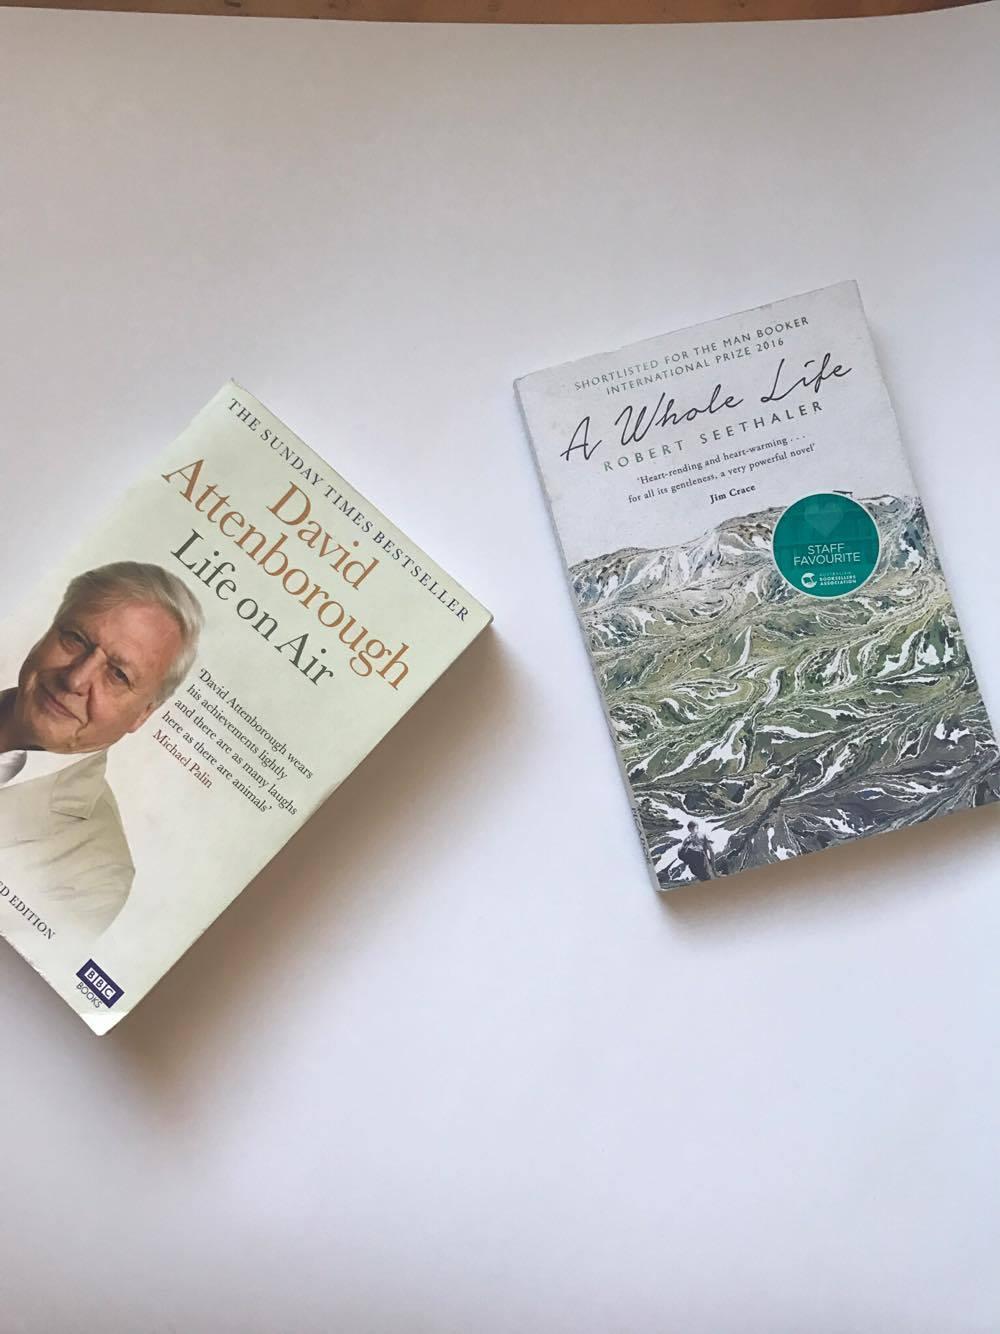 book-review-photos-2